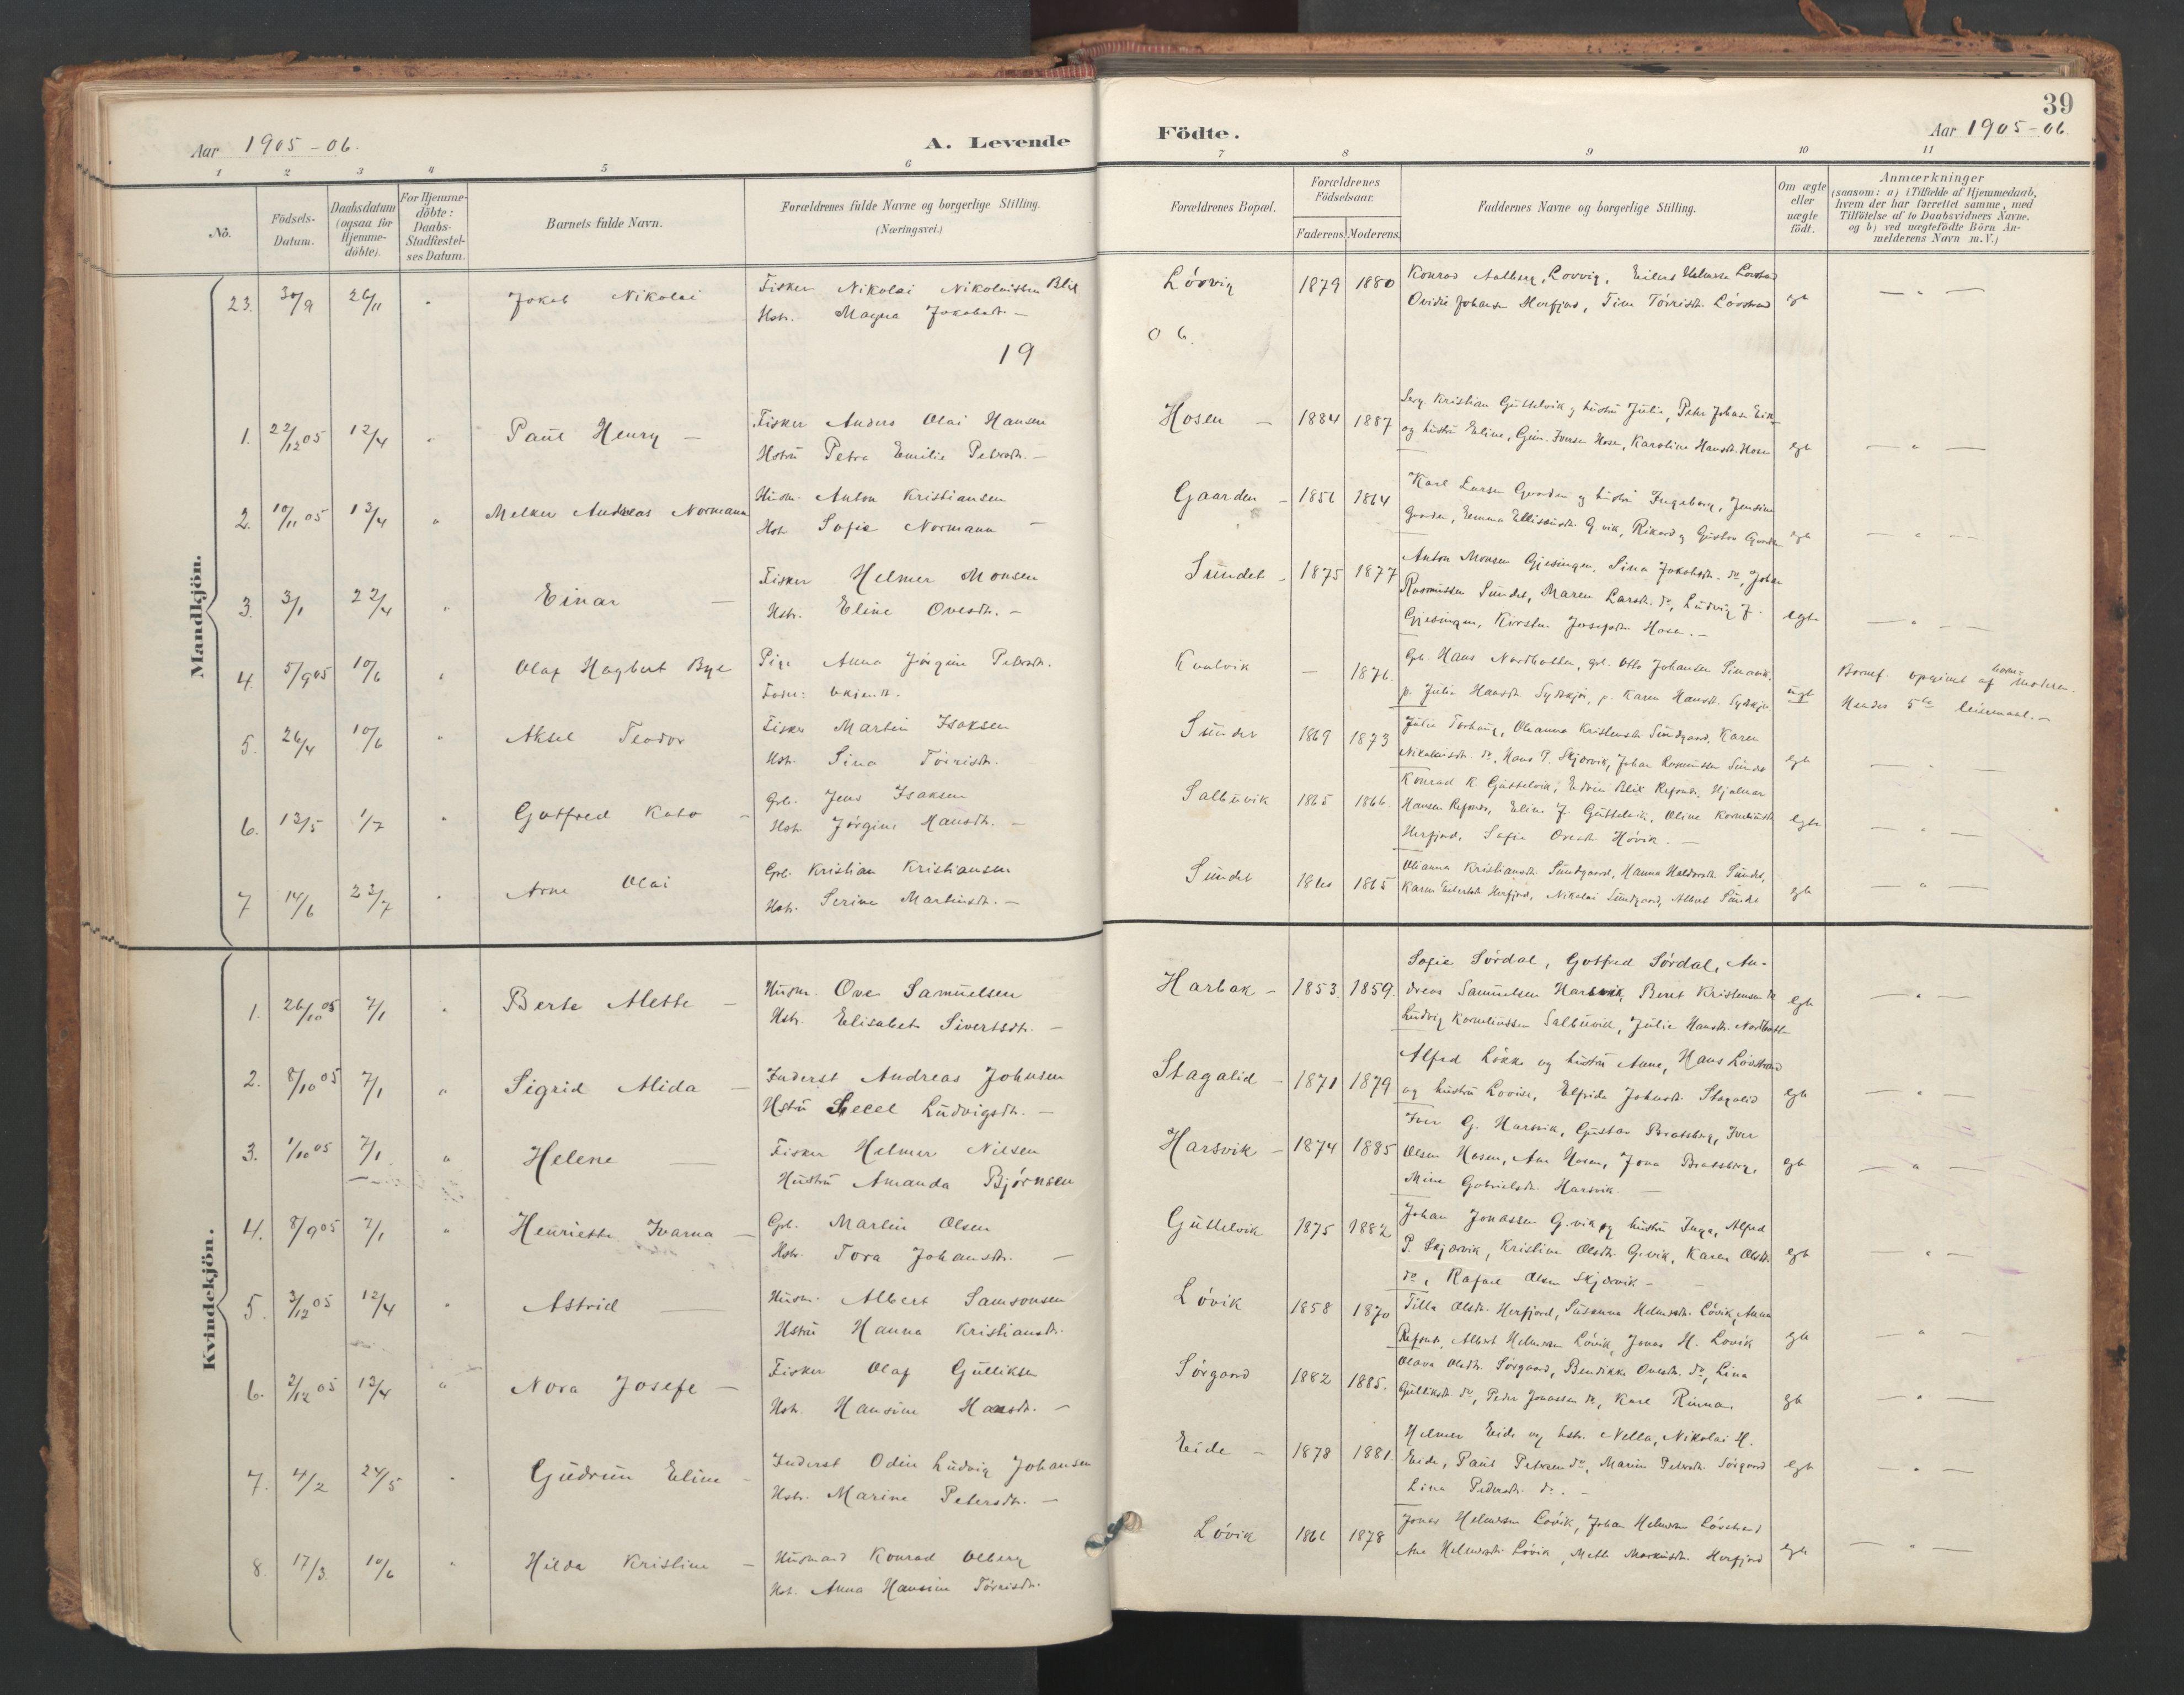 SAT, Ministerialprotokoller, klokkerbøker og fødselsregistre - Sør-Trøndelag, 656/L0693: Ministerialbok nr. 656A02, 1894-1913, s. 39